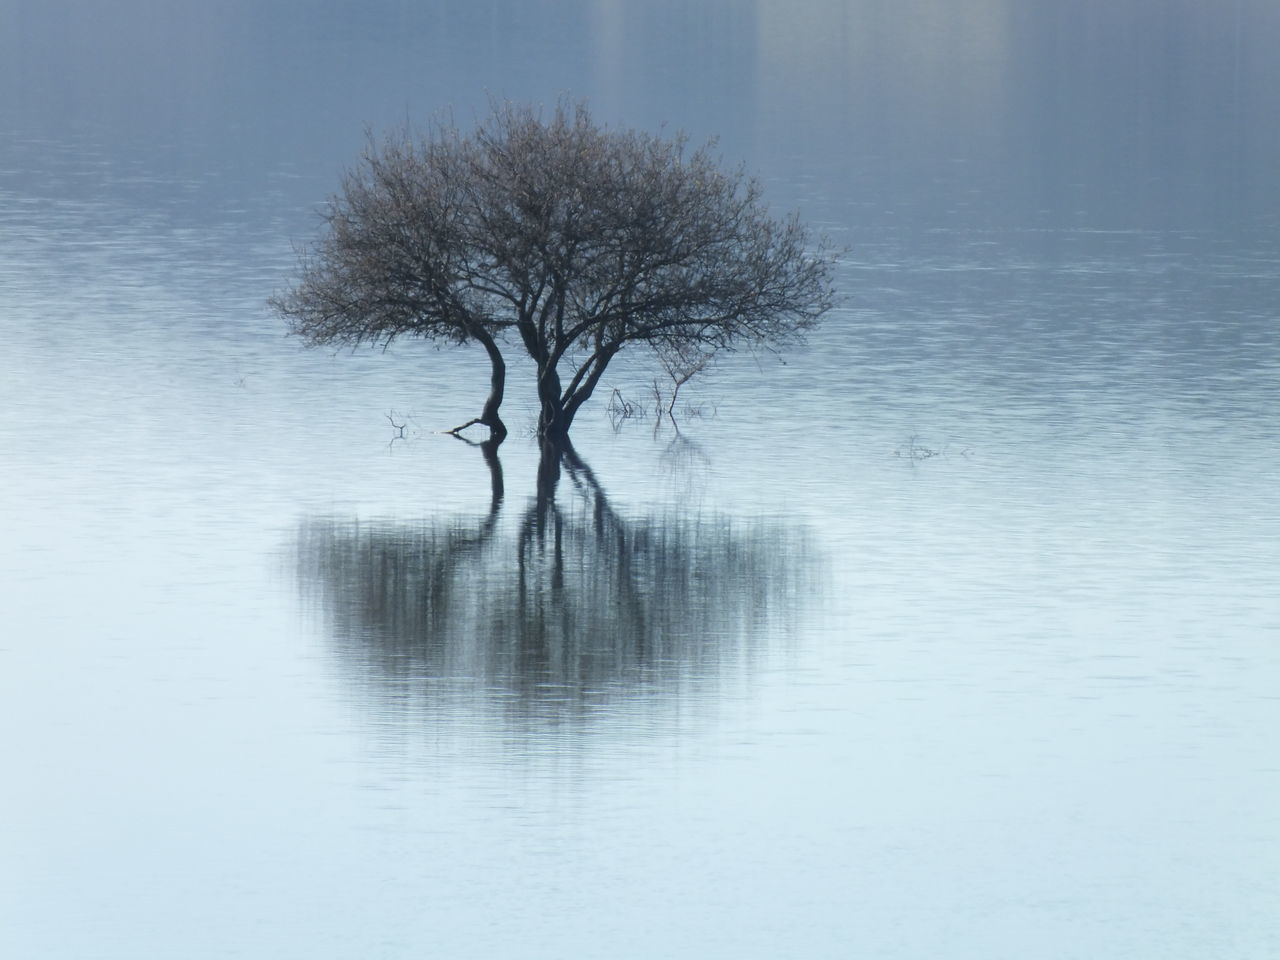 Reflejos en el agua Beauty In Nature Day Nature No People Reflection Reflejos Reflejos En El Agua Tree First Eyeem Photo